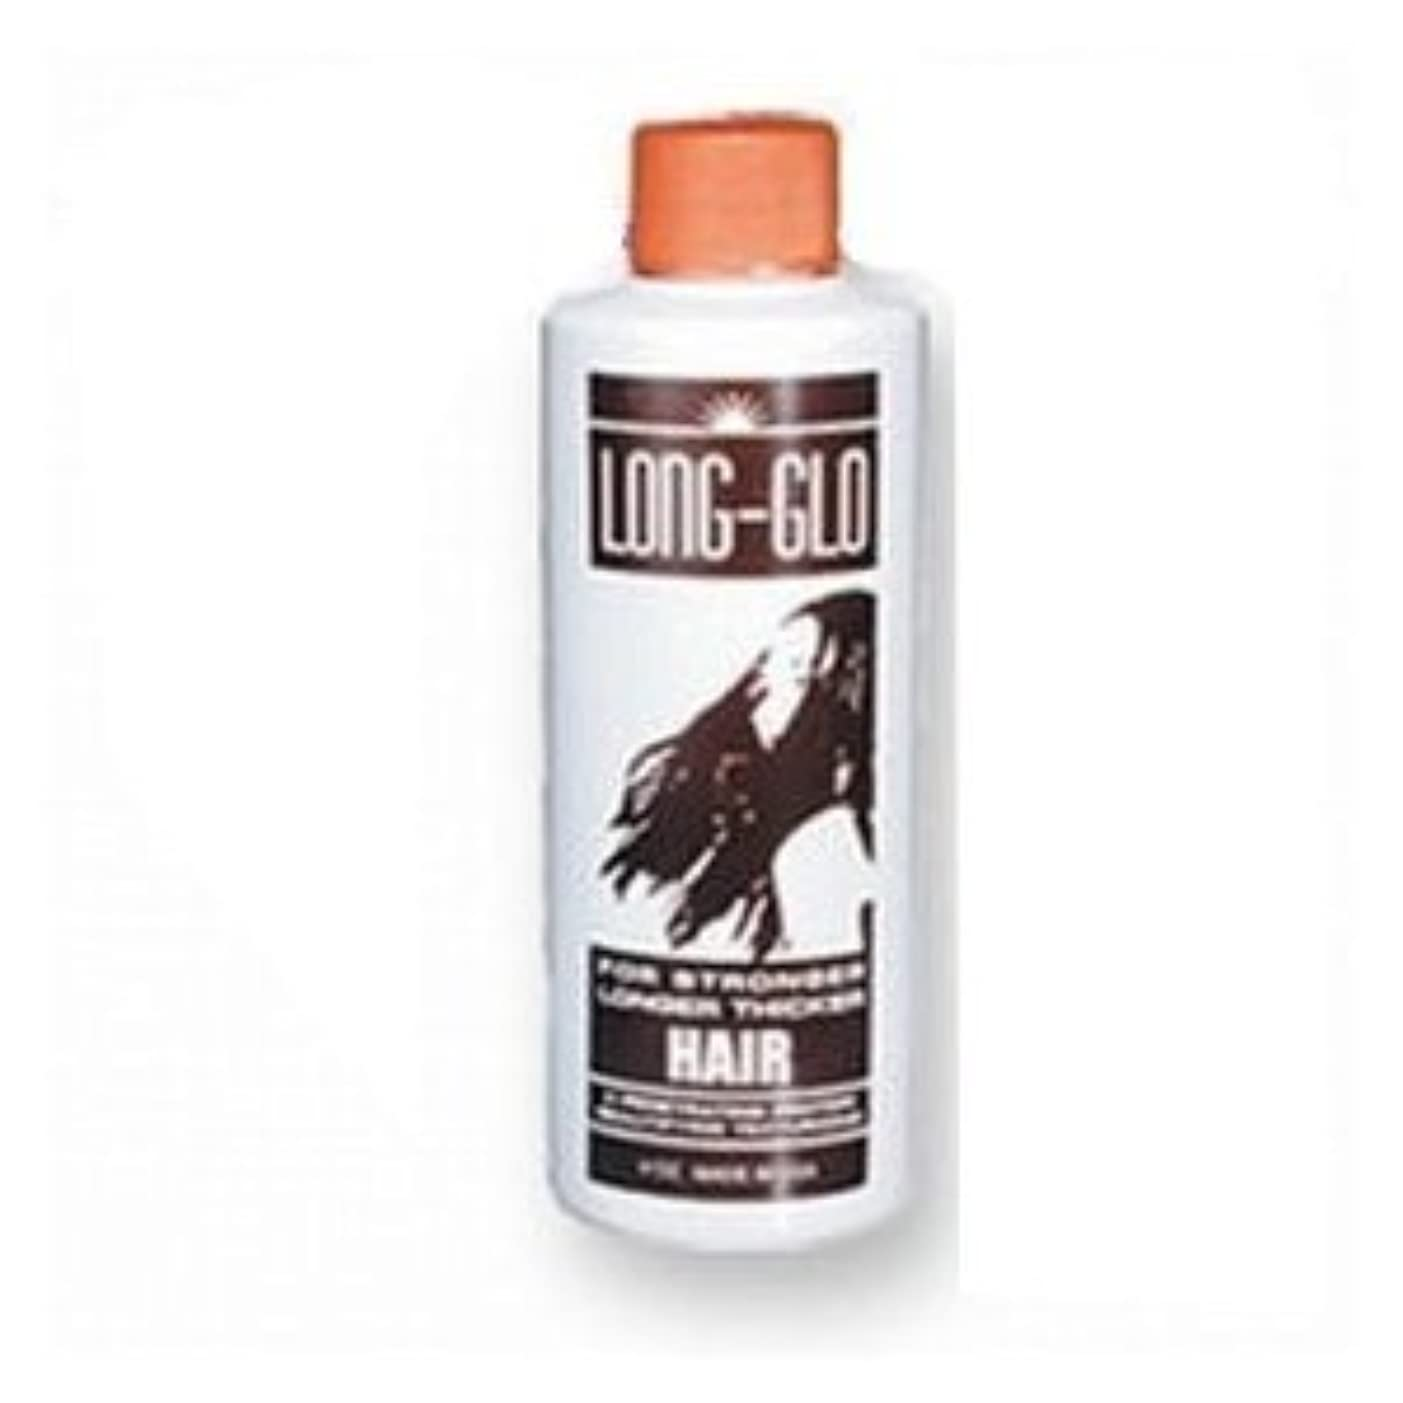 説得力のあるシガレット無数のロンググロー育毛剤 (並行輸入品)